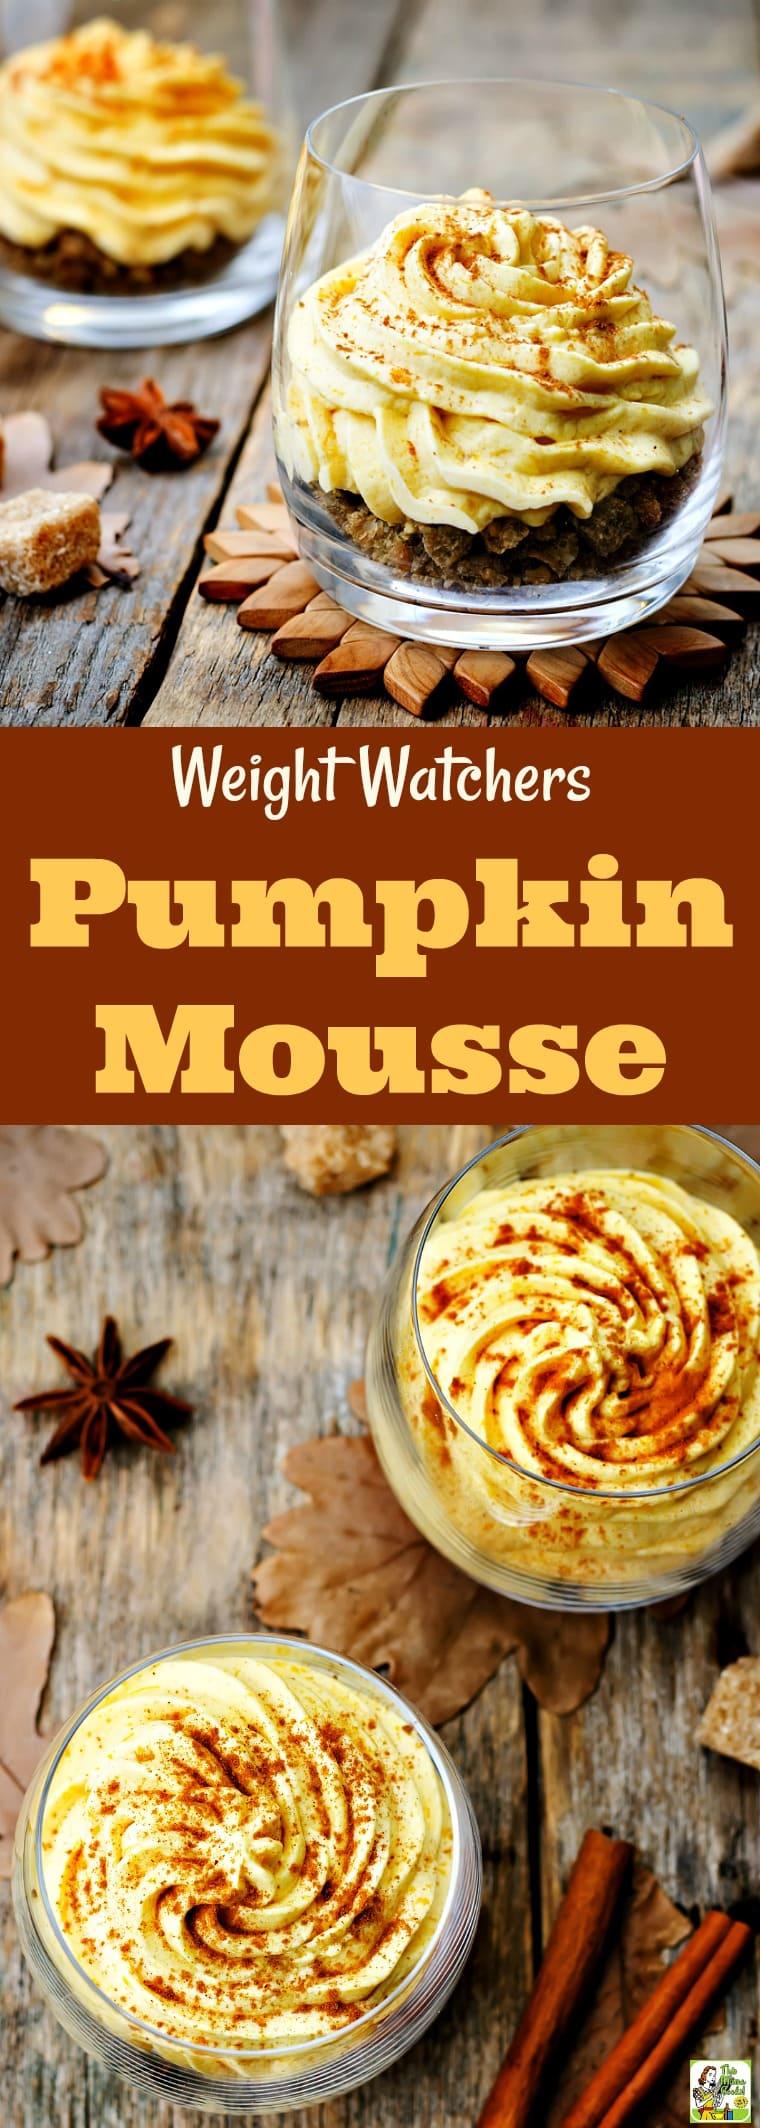 Weight Watchers Pumpkin Mousse